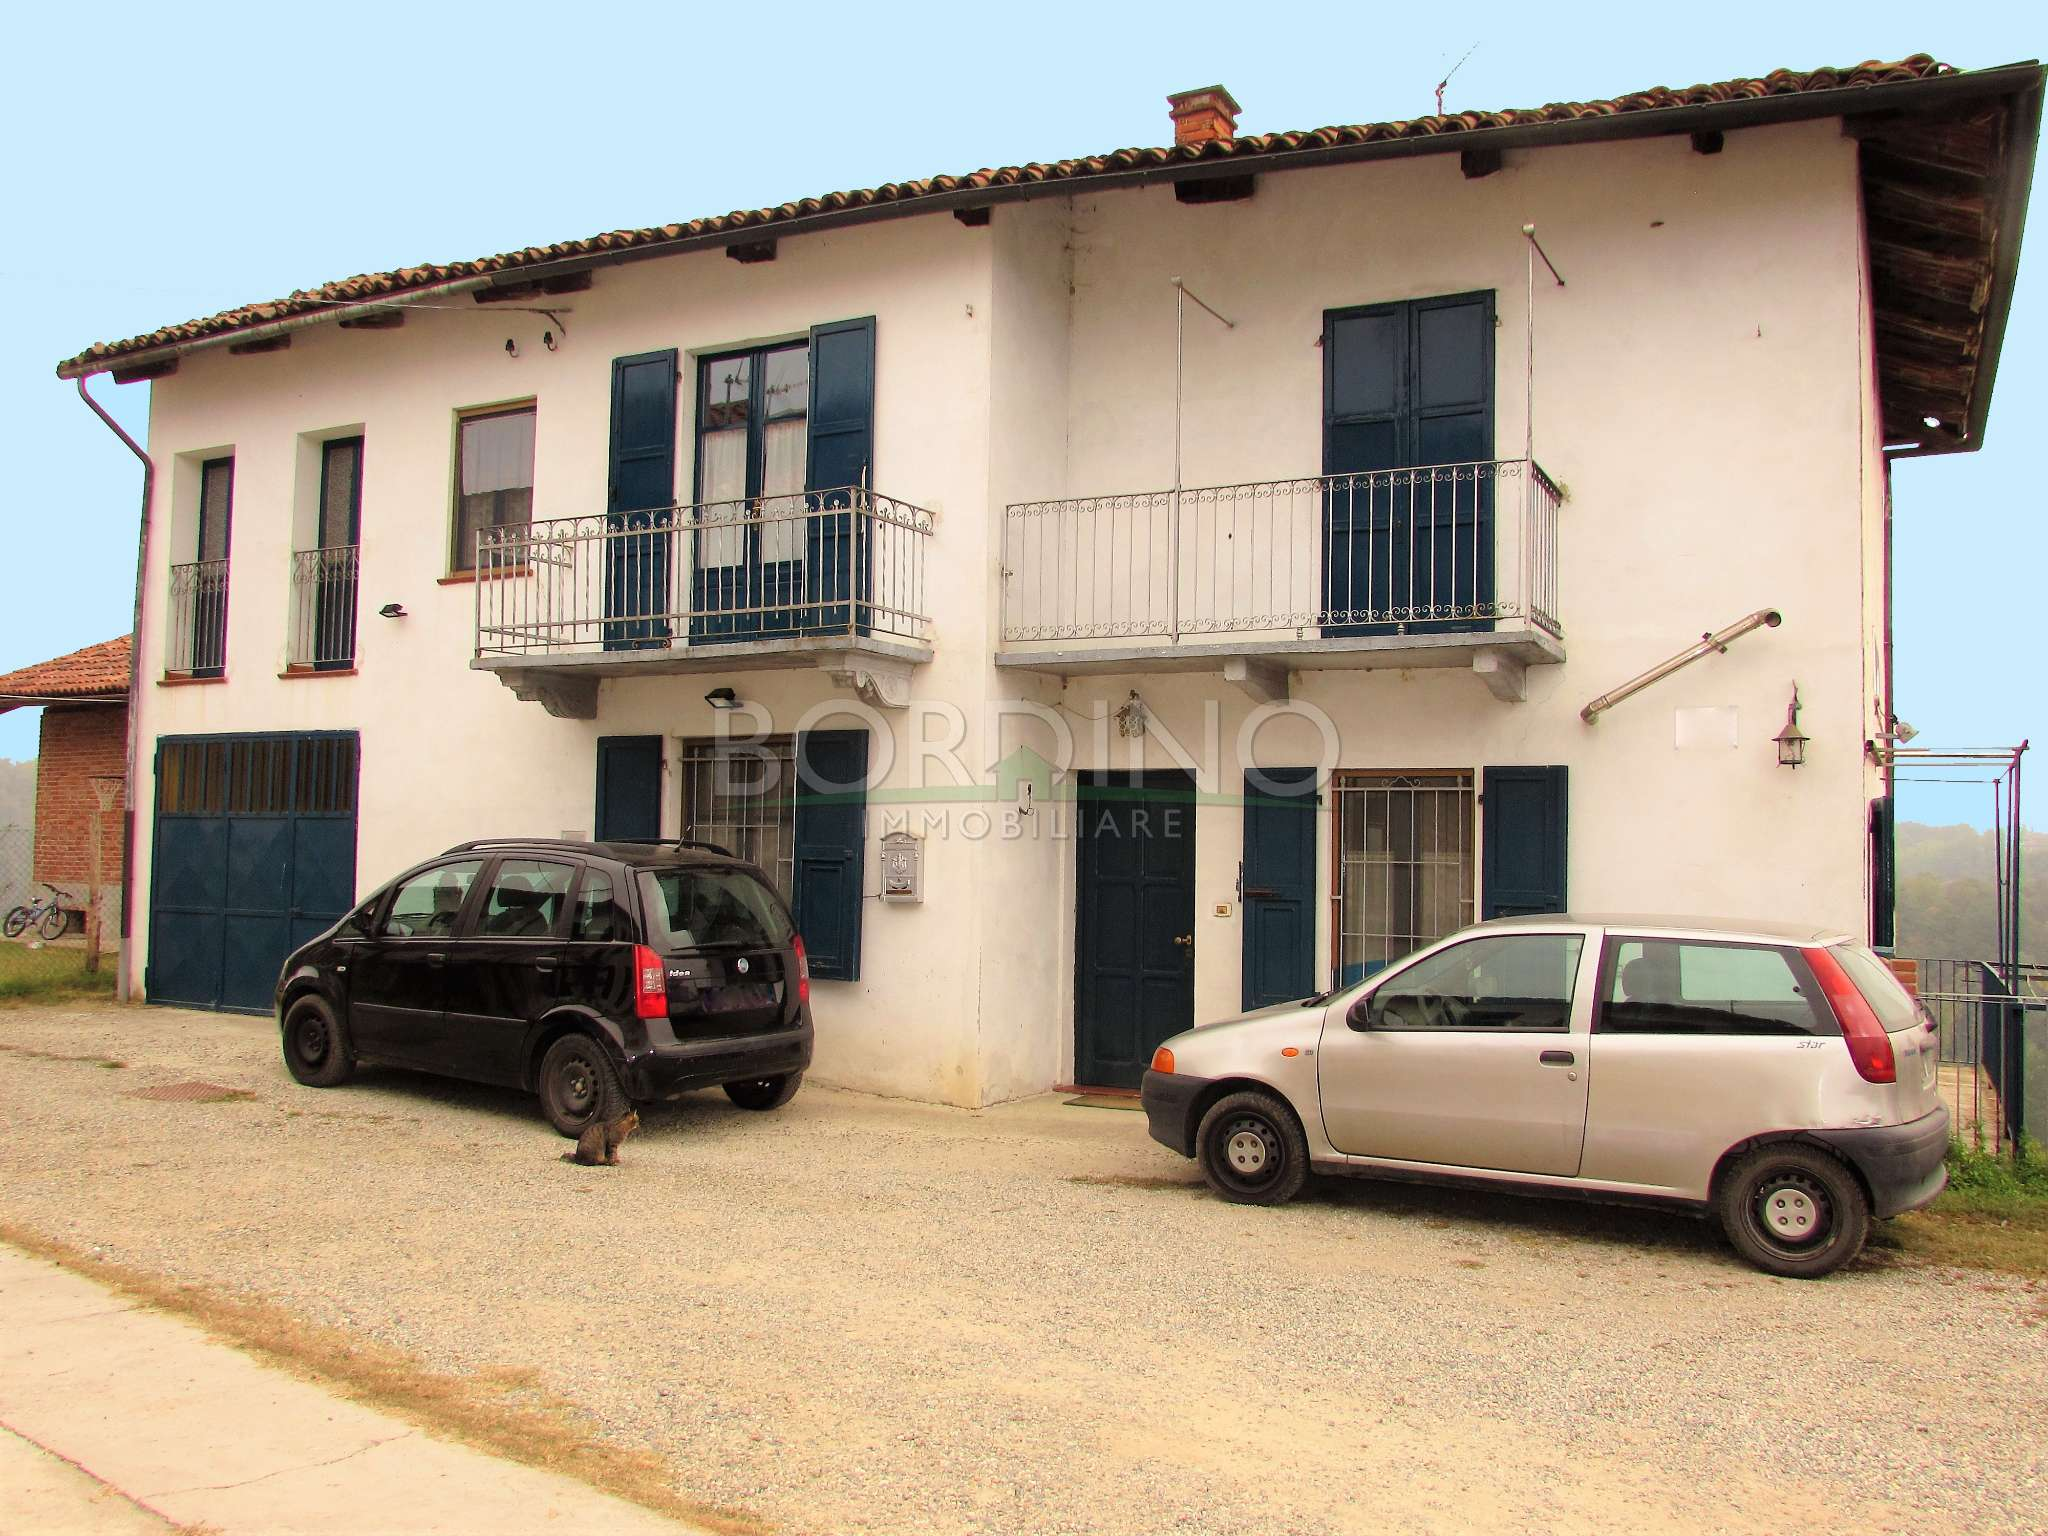 Soluzione Indipendente in vendita a Piea, 4 locali, prezzo € 96.000 | PortaleAgenzieImmobiliari.it